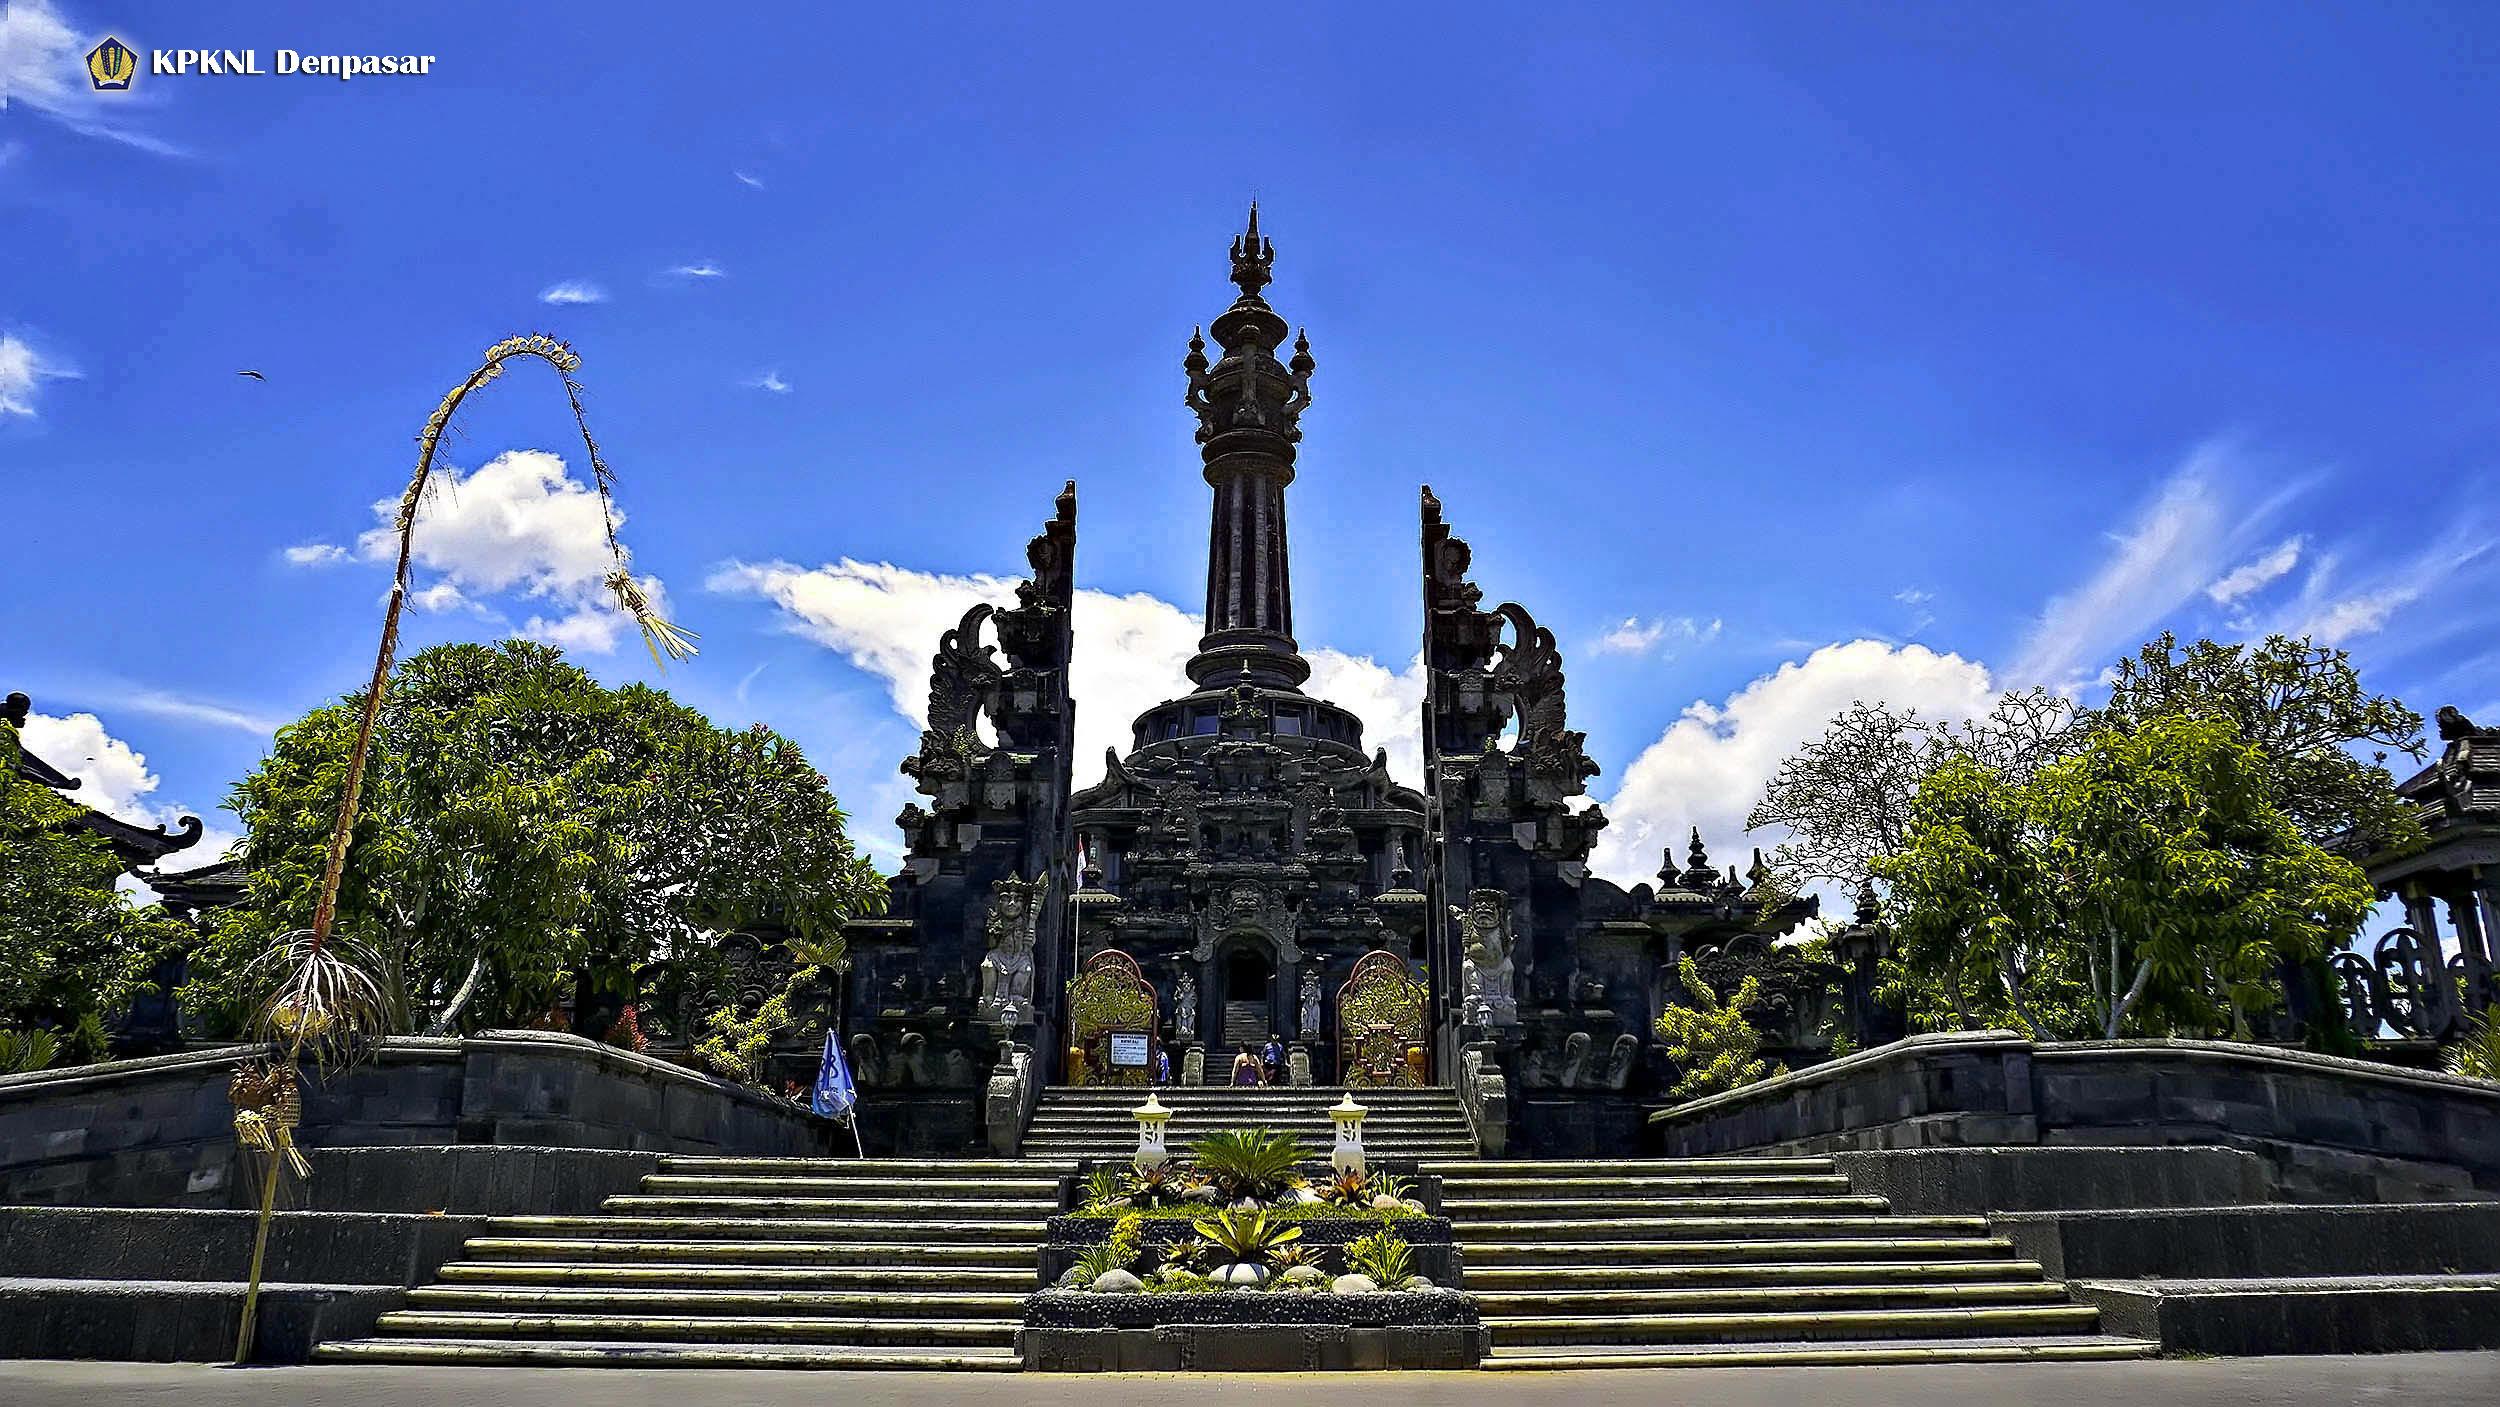 Mengenal Sejarah dan Mengenang Perjuangan Masyarakat Bali di Monumen Bajra Sandhi